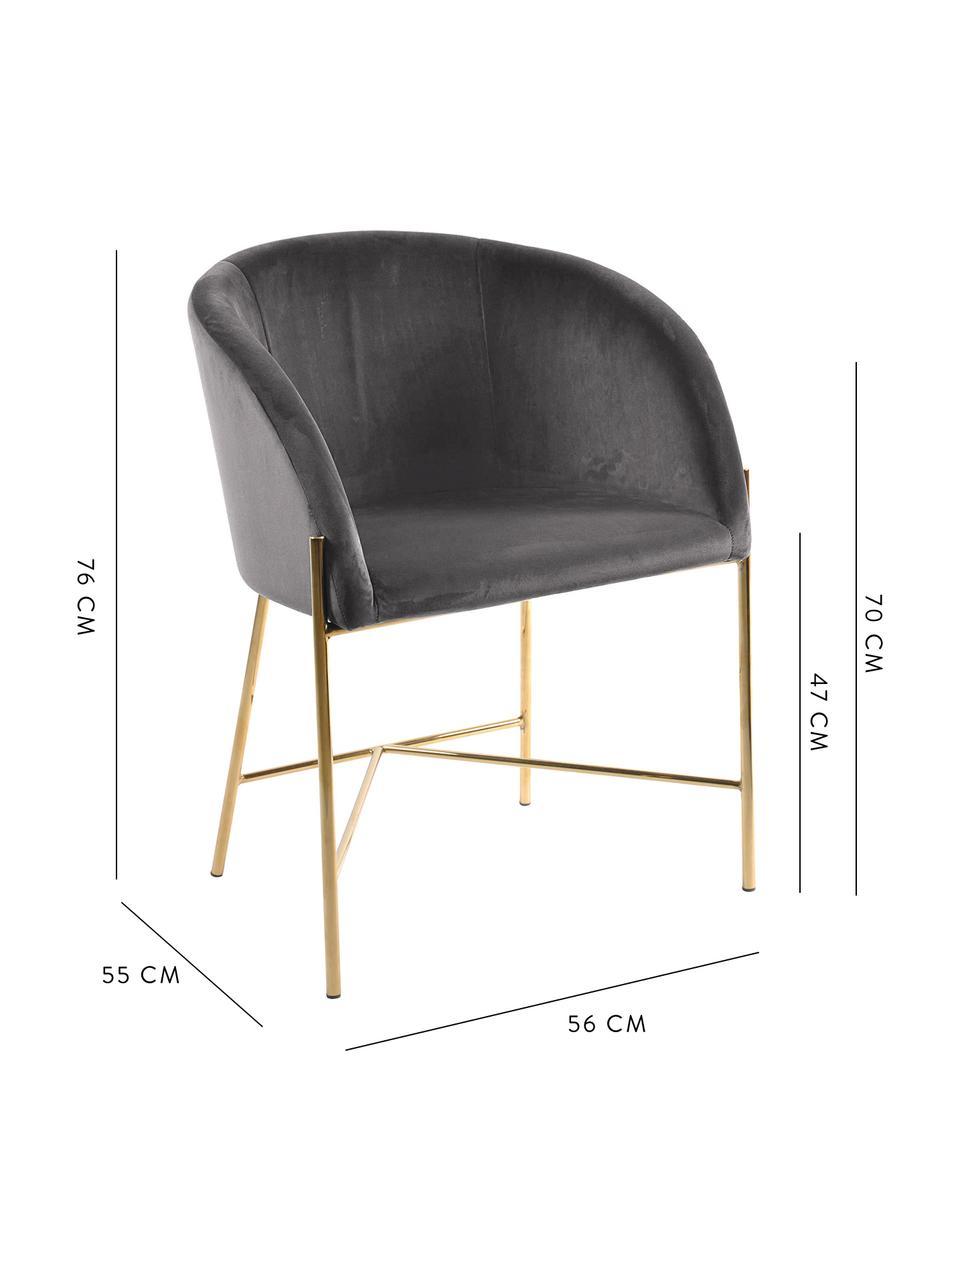 Krzesło tapicerowane z aksamitu Nelson, Tapicerka: aksamit poliestrowy Dzięk, Nogi: metal mosiądzowany, Aksamitny ciemny szary, nogi: złoty, S 56 x G 55 cm